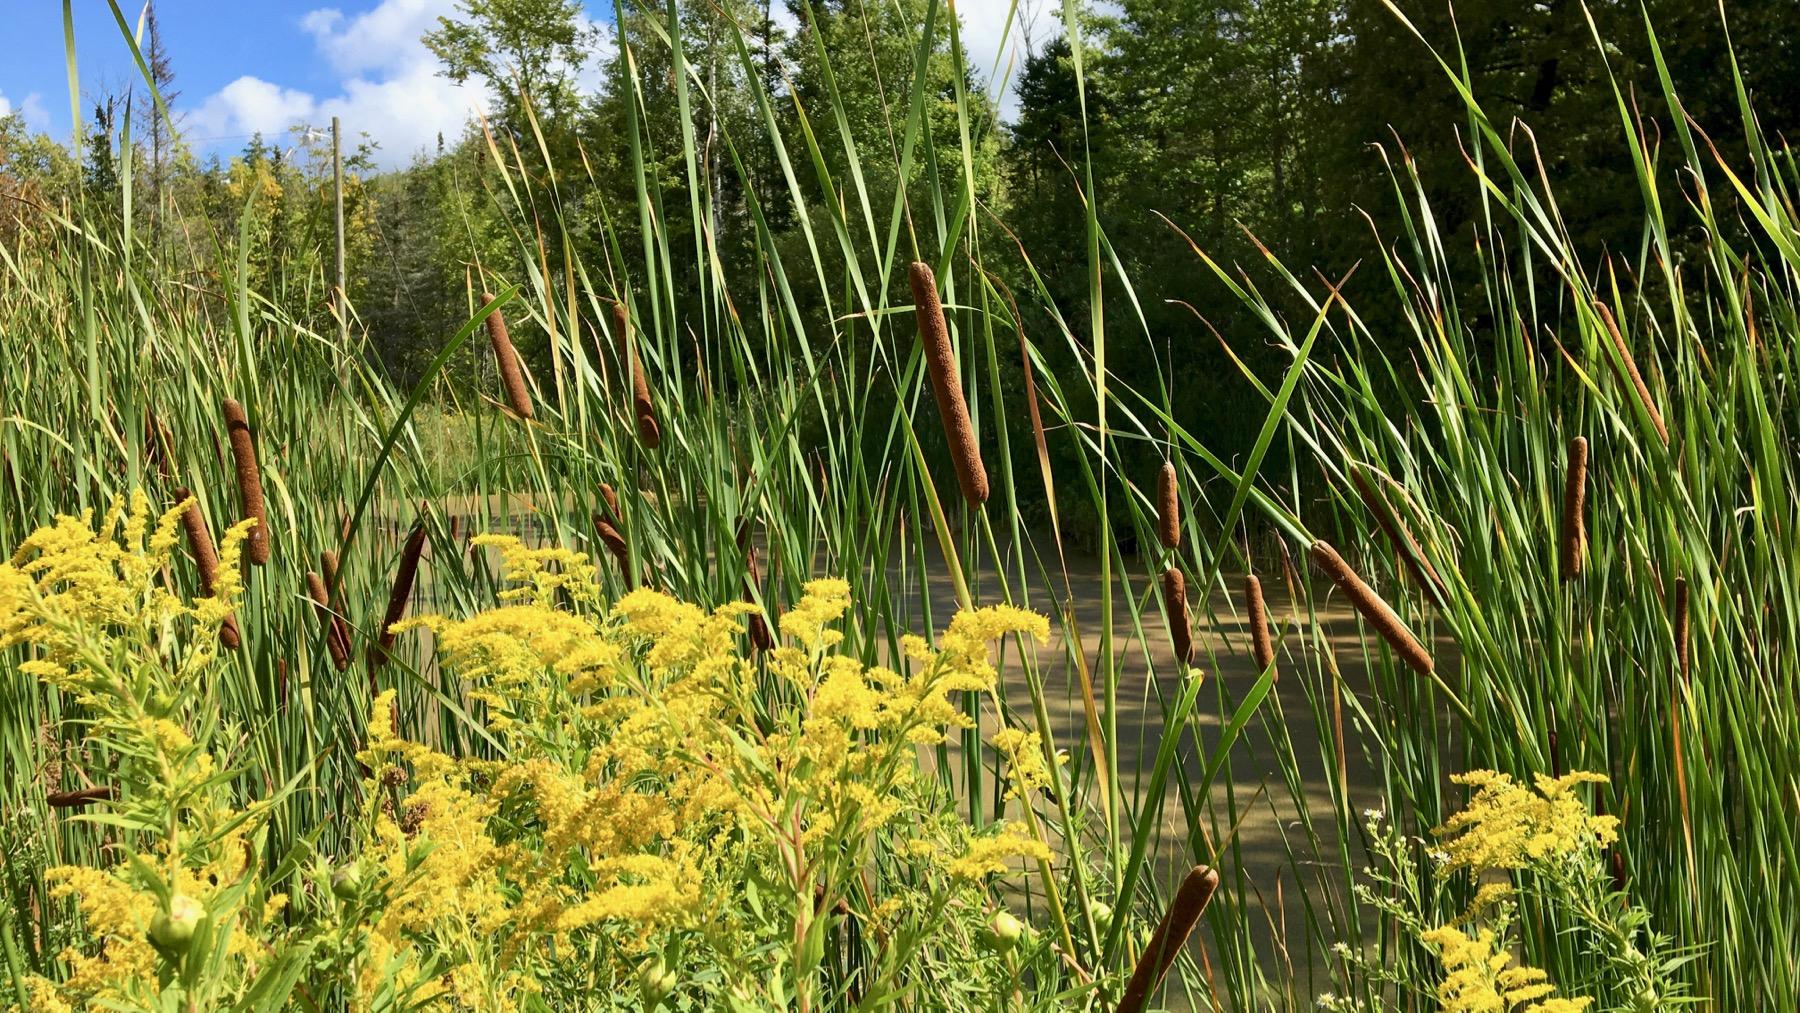 Goldenrod cattails